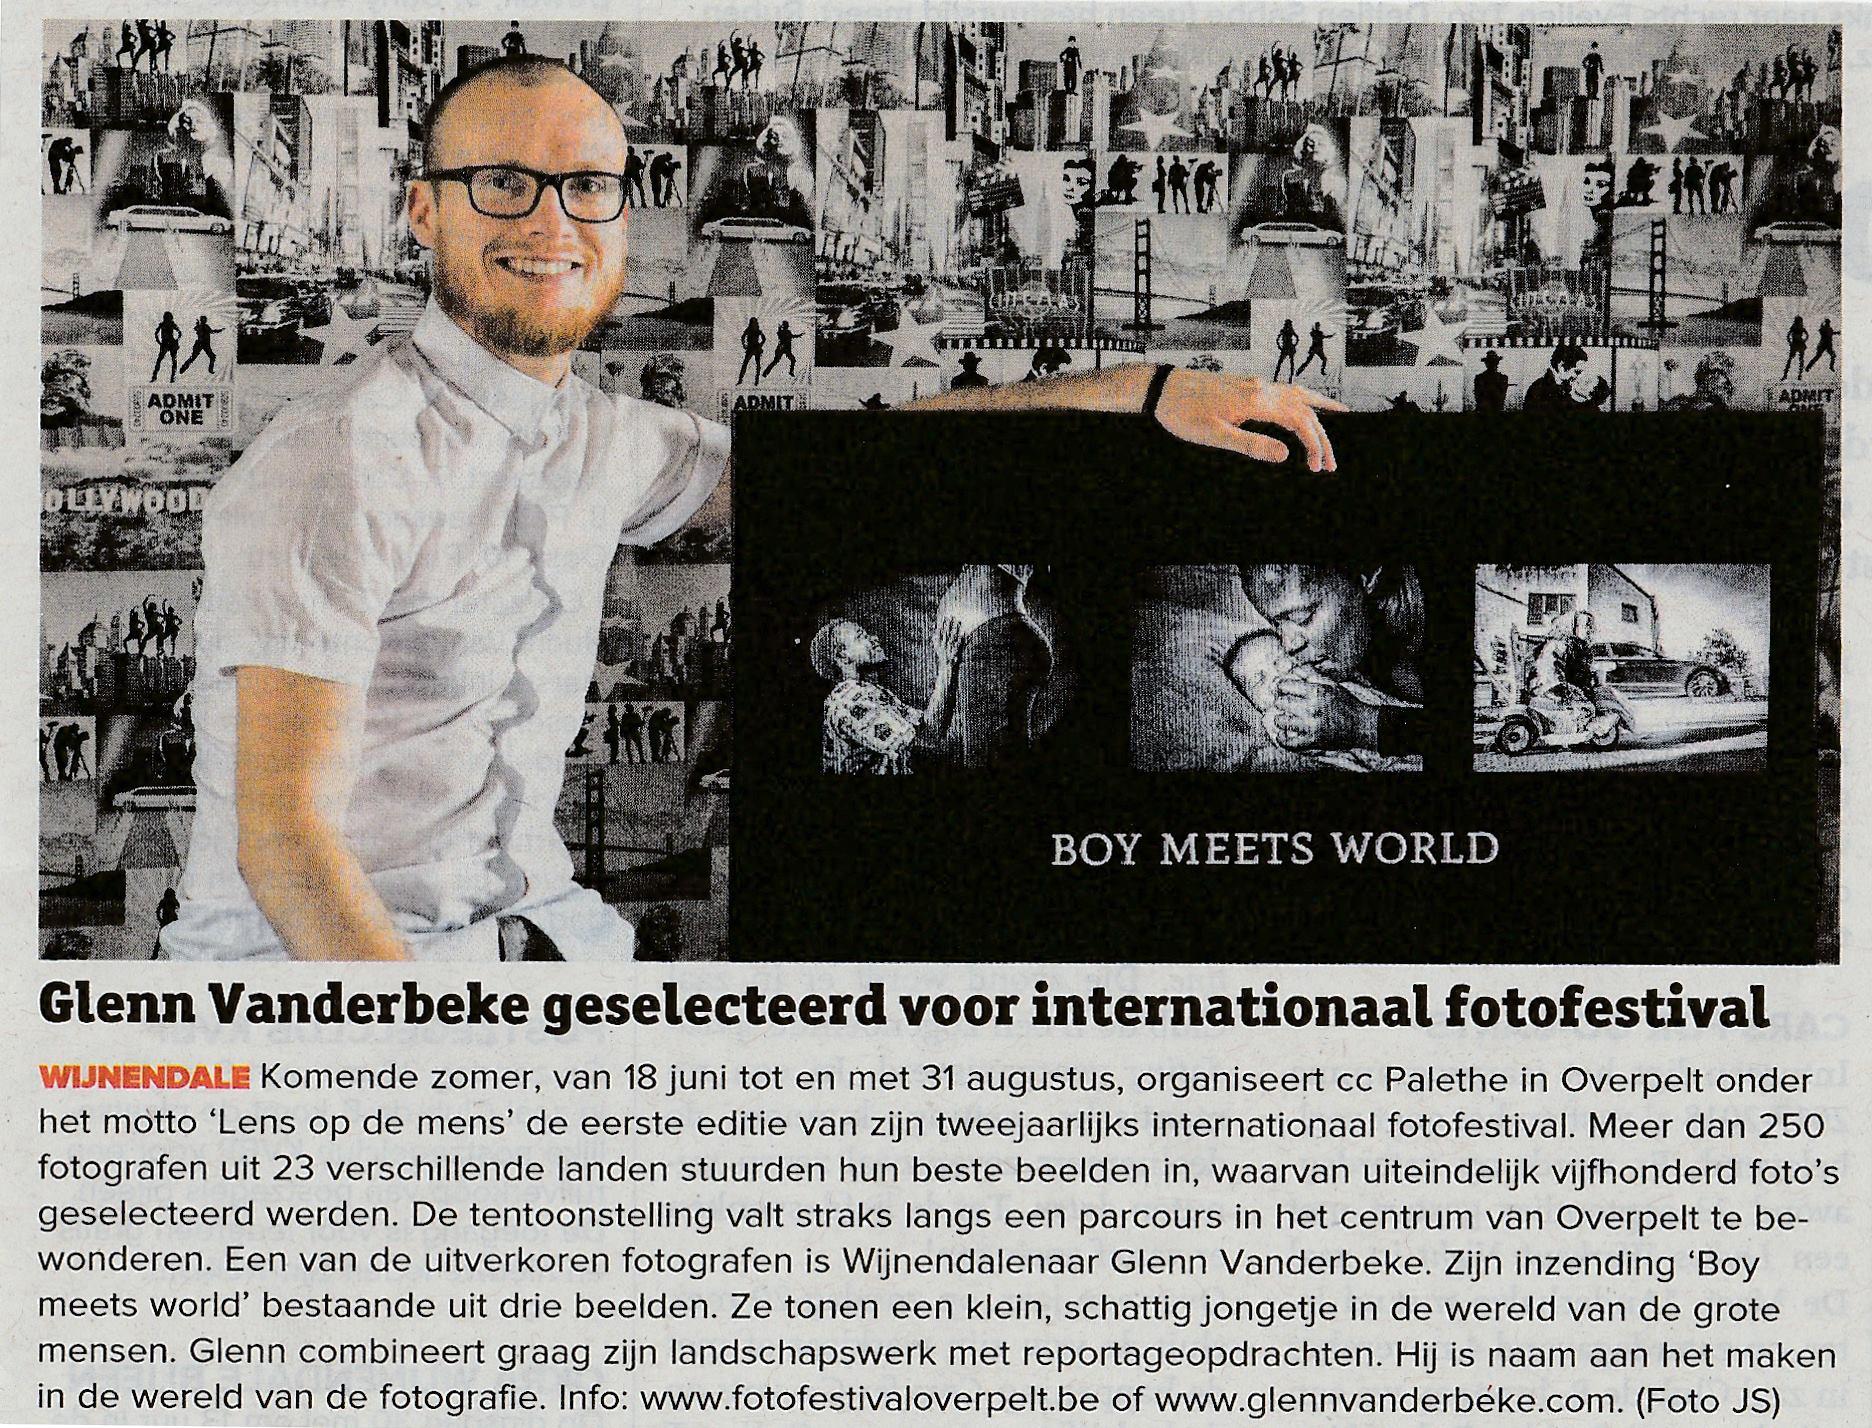 glenn vanderbeke, landschapsfotografie, landschapsfotograaf, West-Vlaamse fotograaf, zelfportret